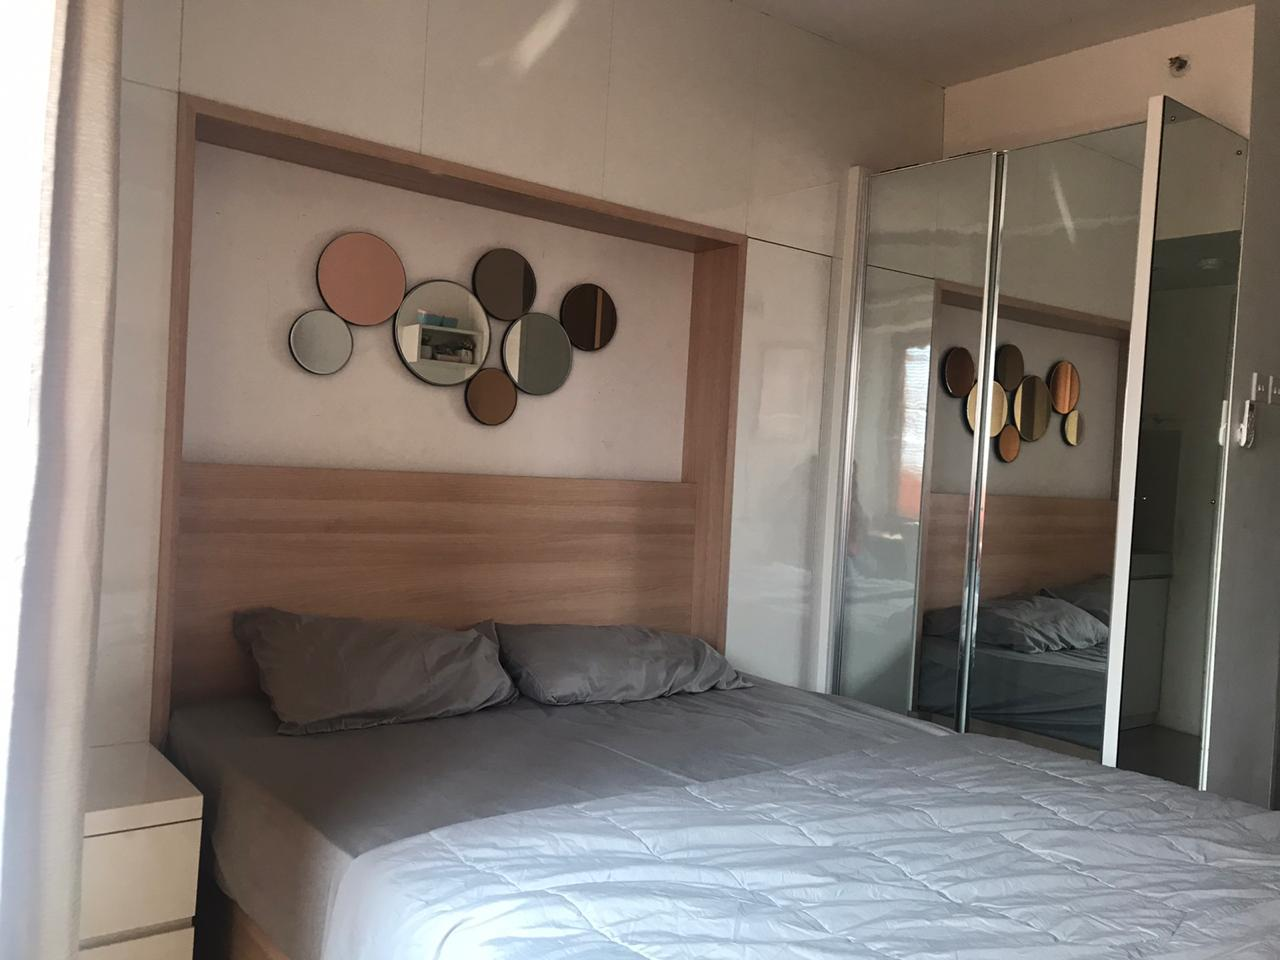 Rental Apartment Karawang Full Furnish